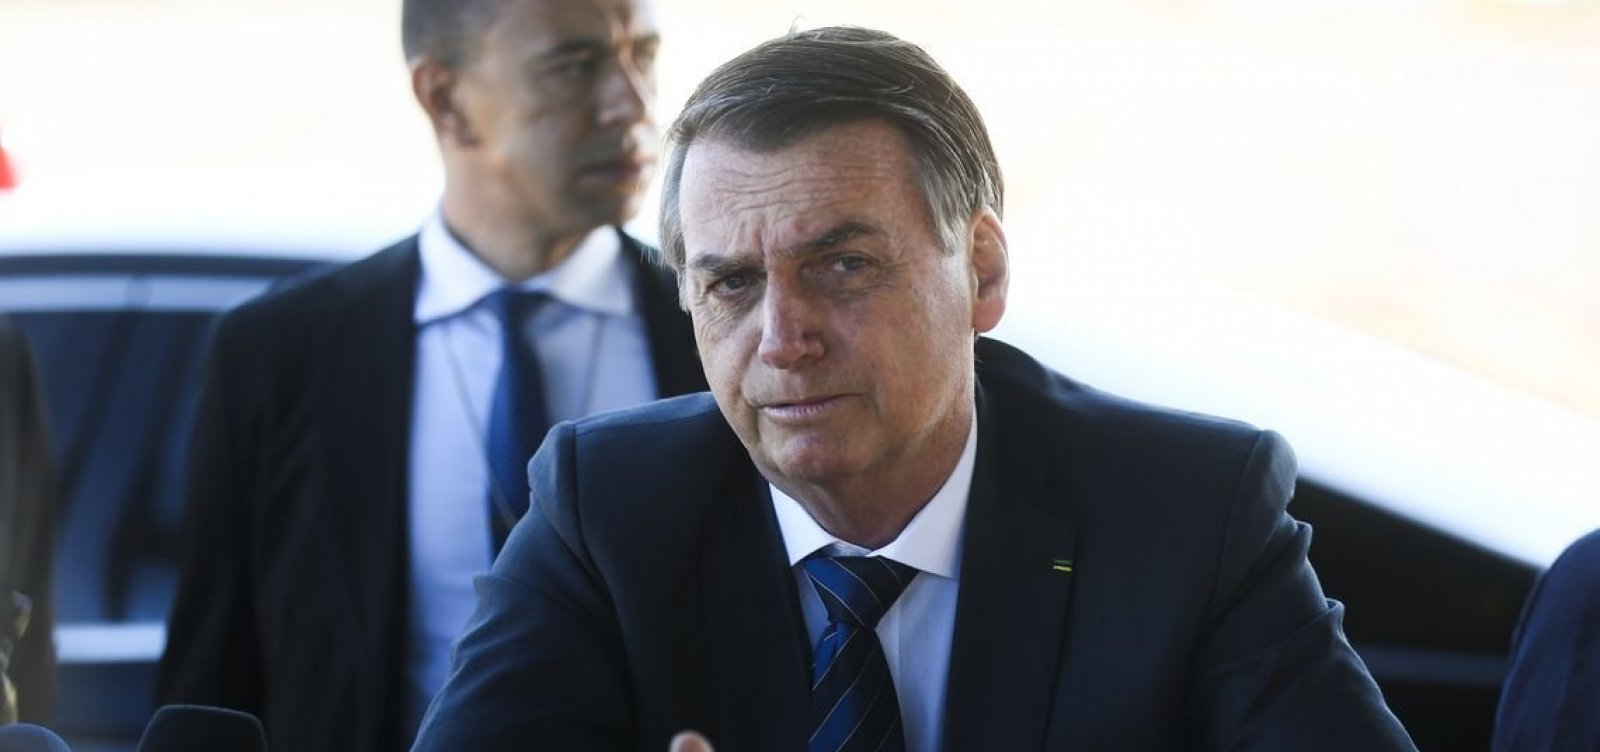 ['Semana que vem não teremos mais radares móveis no Brasil', promete Bolsonaro]